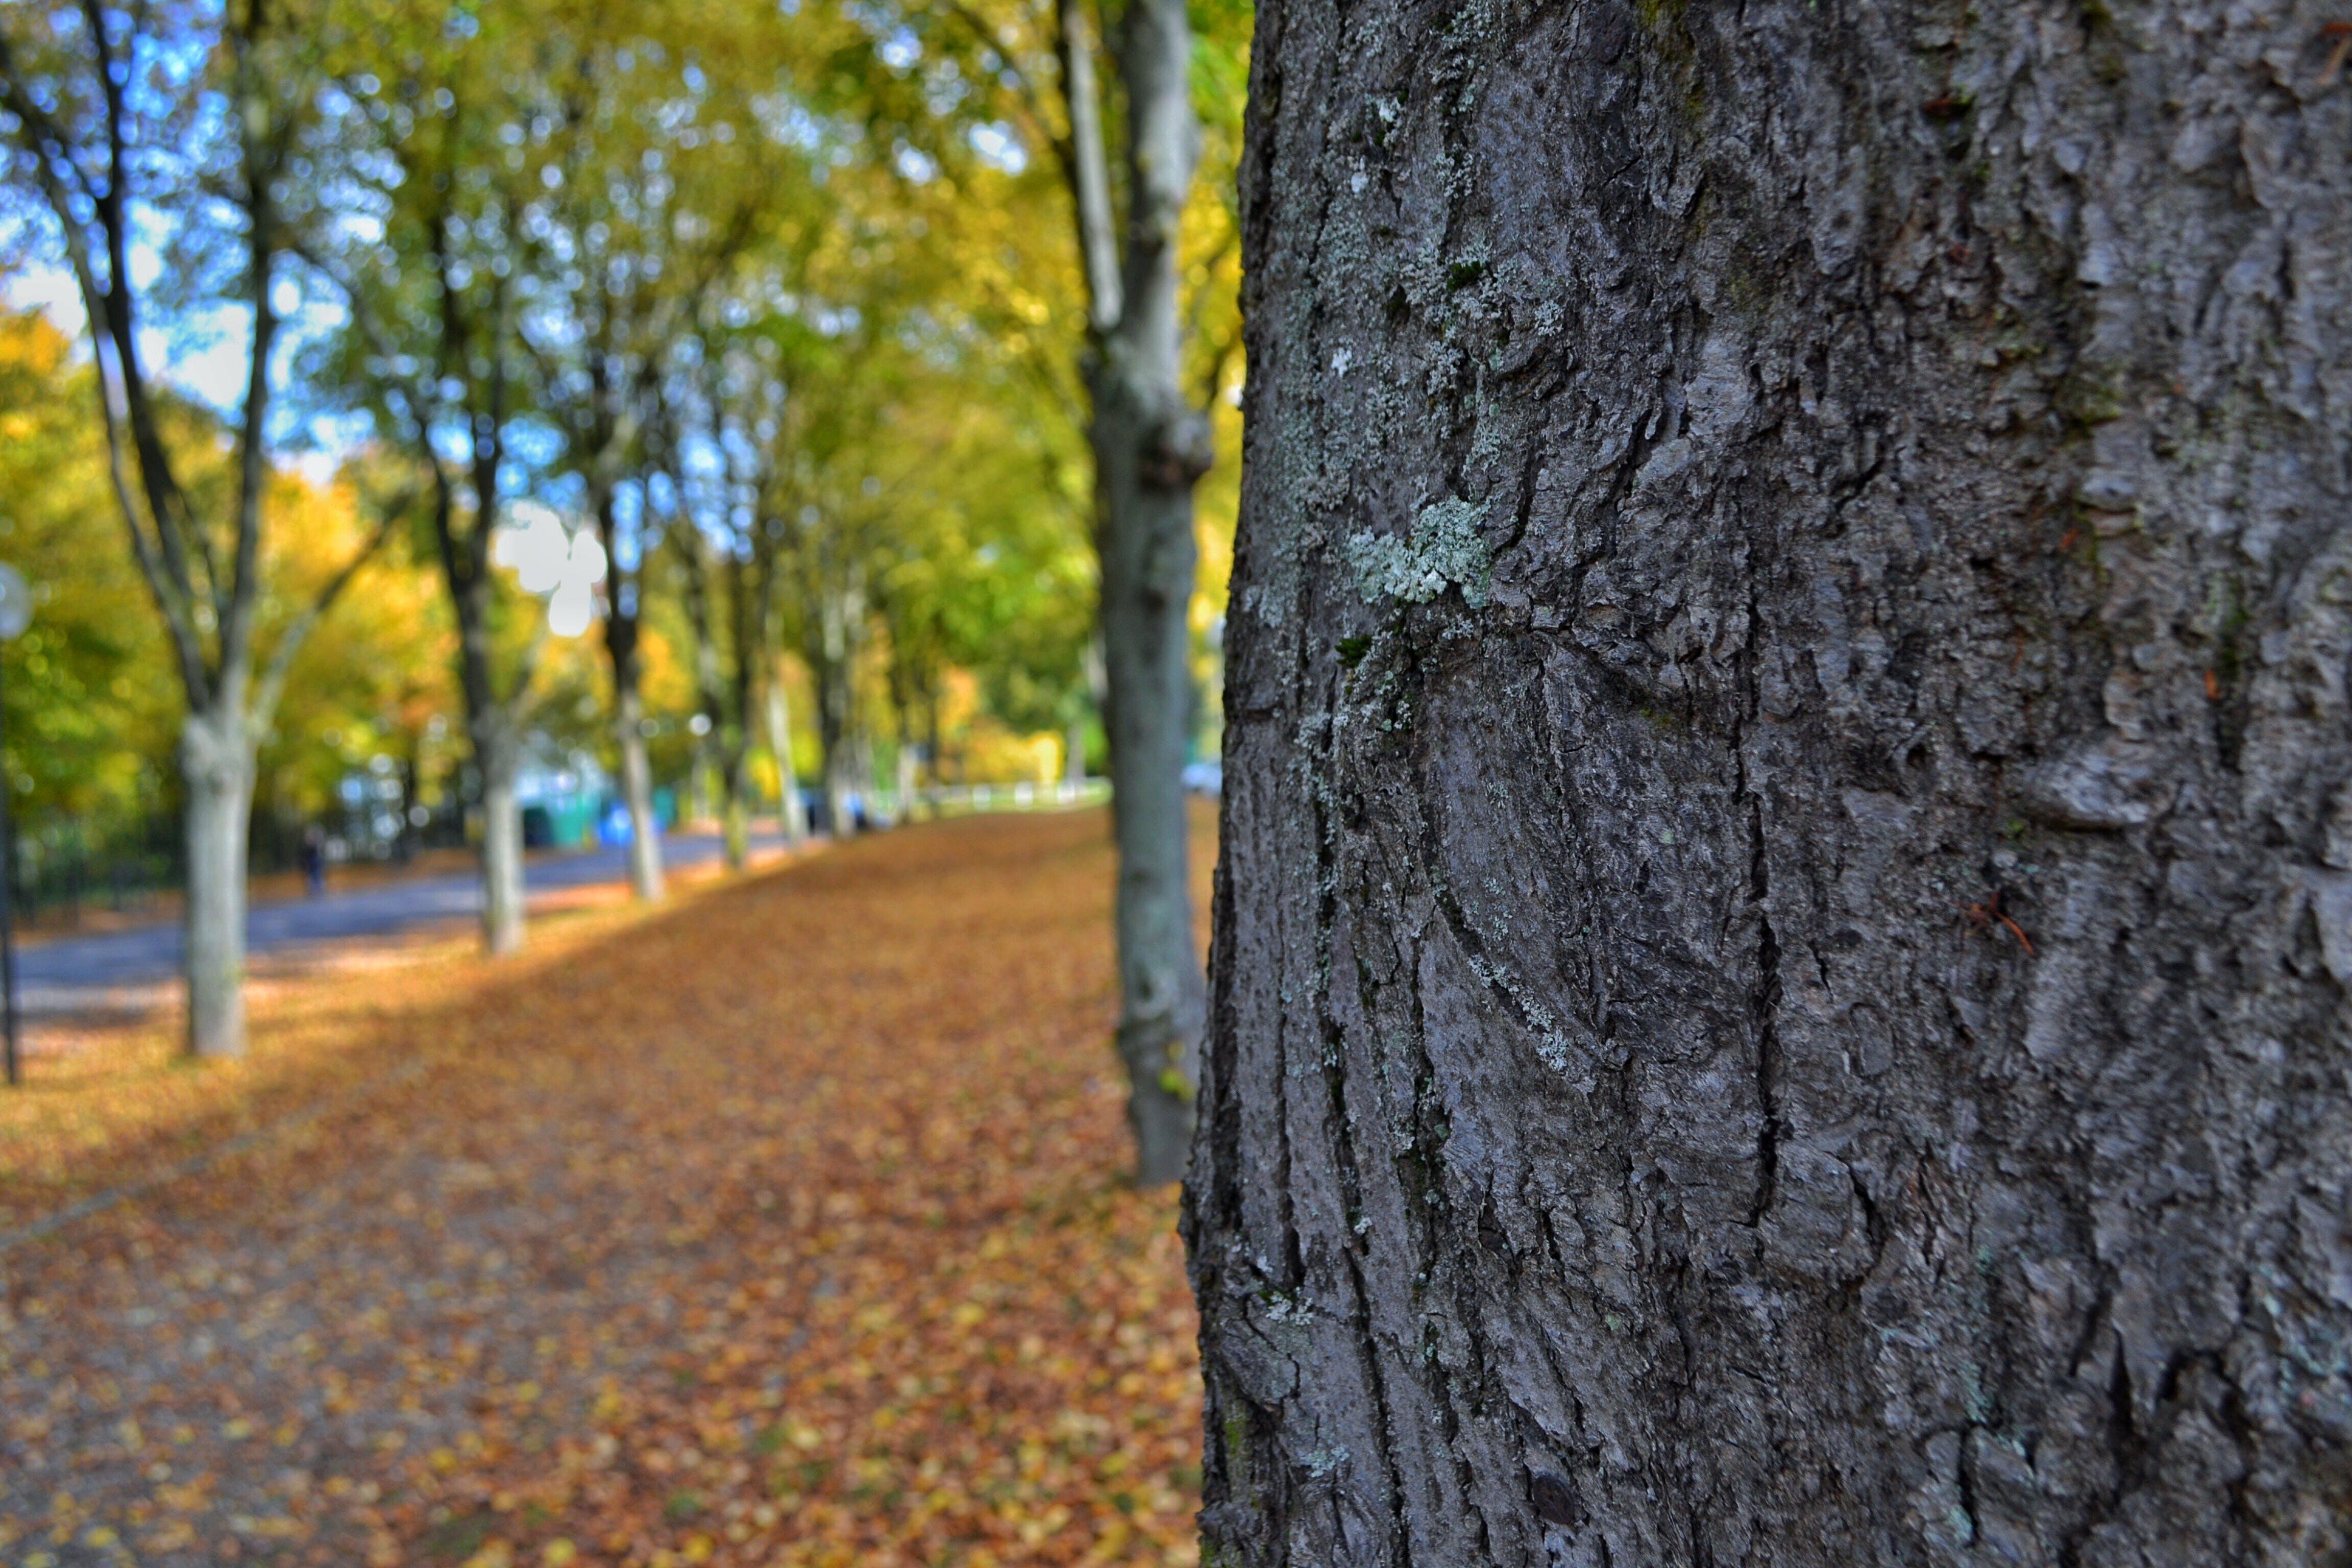 Δωρεάν στοκ φωτογραφιών με δέντρα, κορμός δέντρου, προοπτική, φλοιός δέντρου